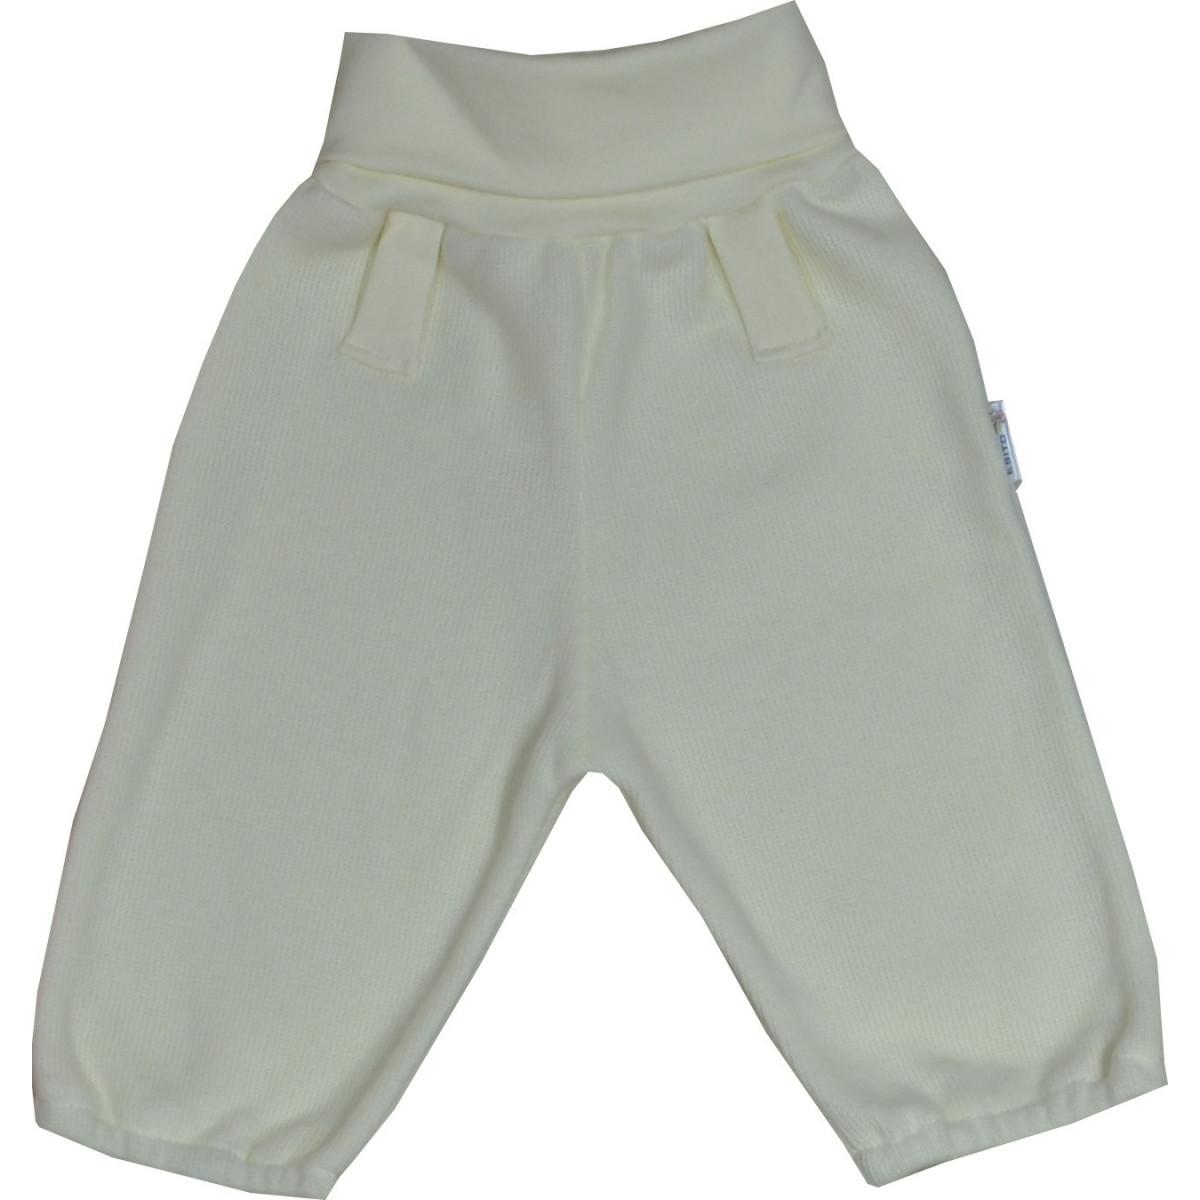 a2f337901f8 ESITO - Kalhoty bavlněné svetřík vel. 74 - 80